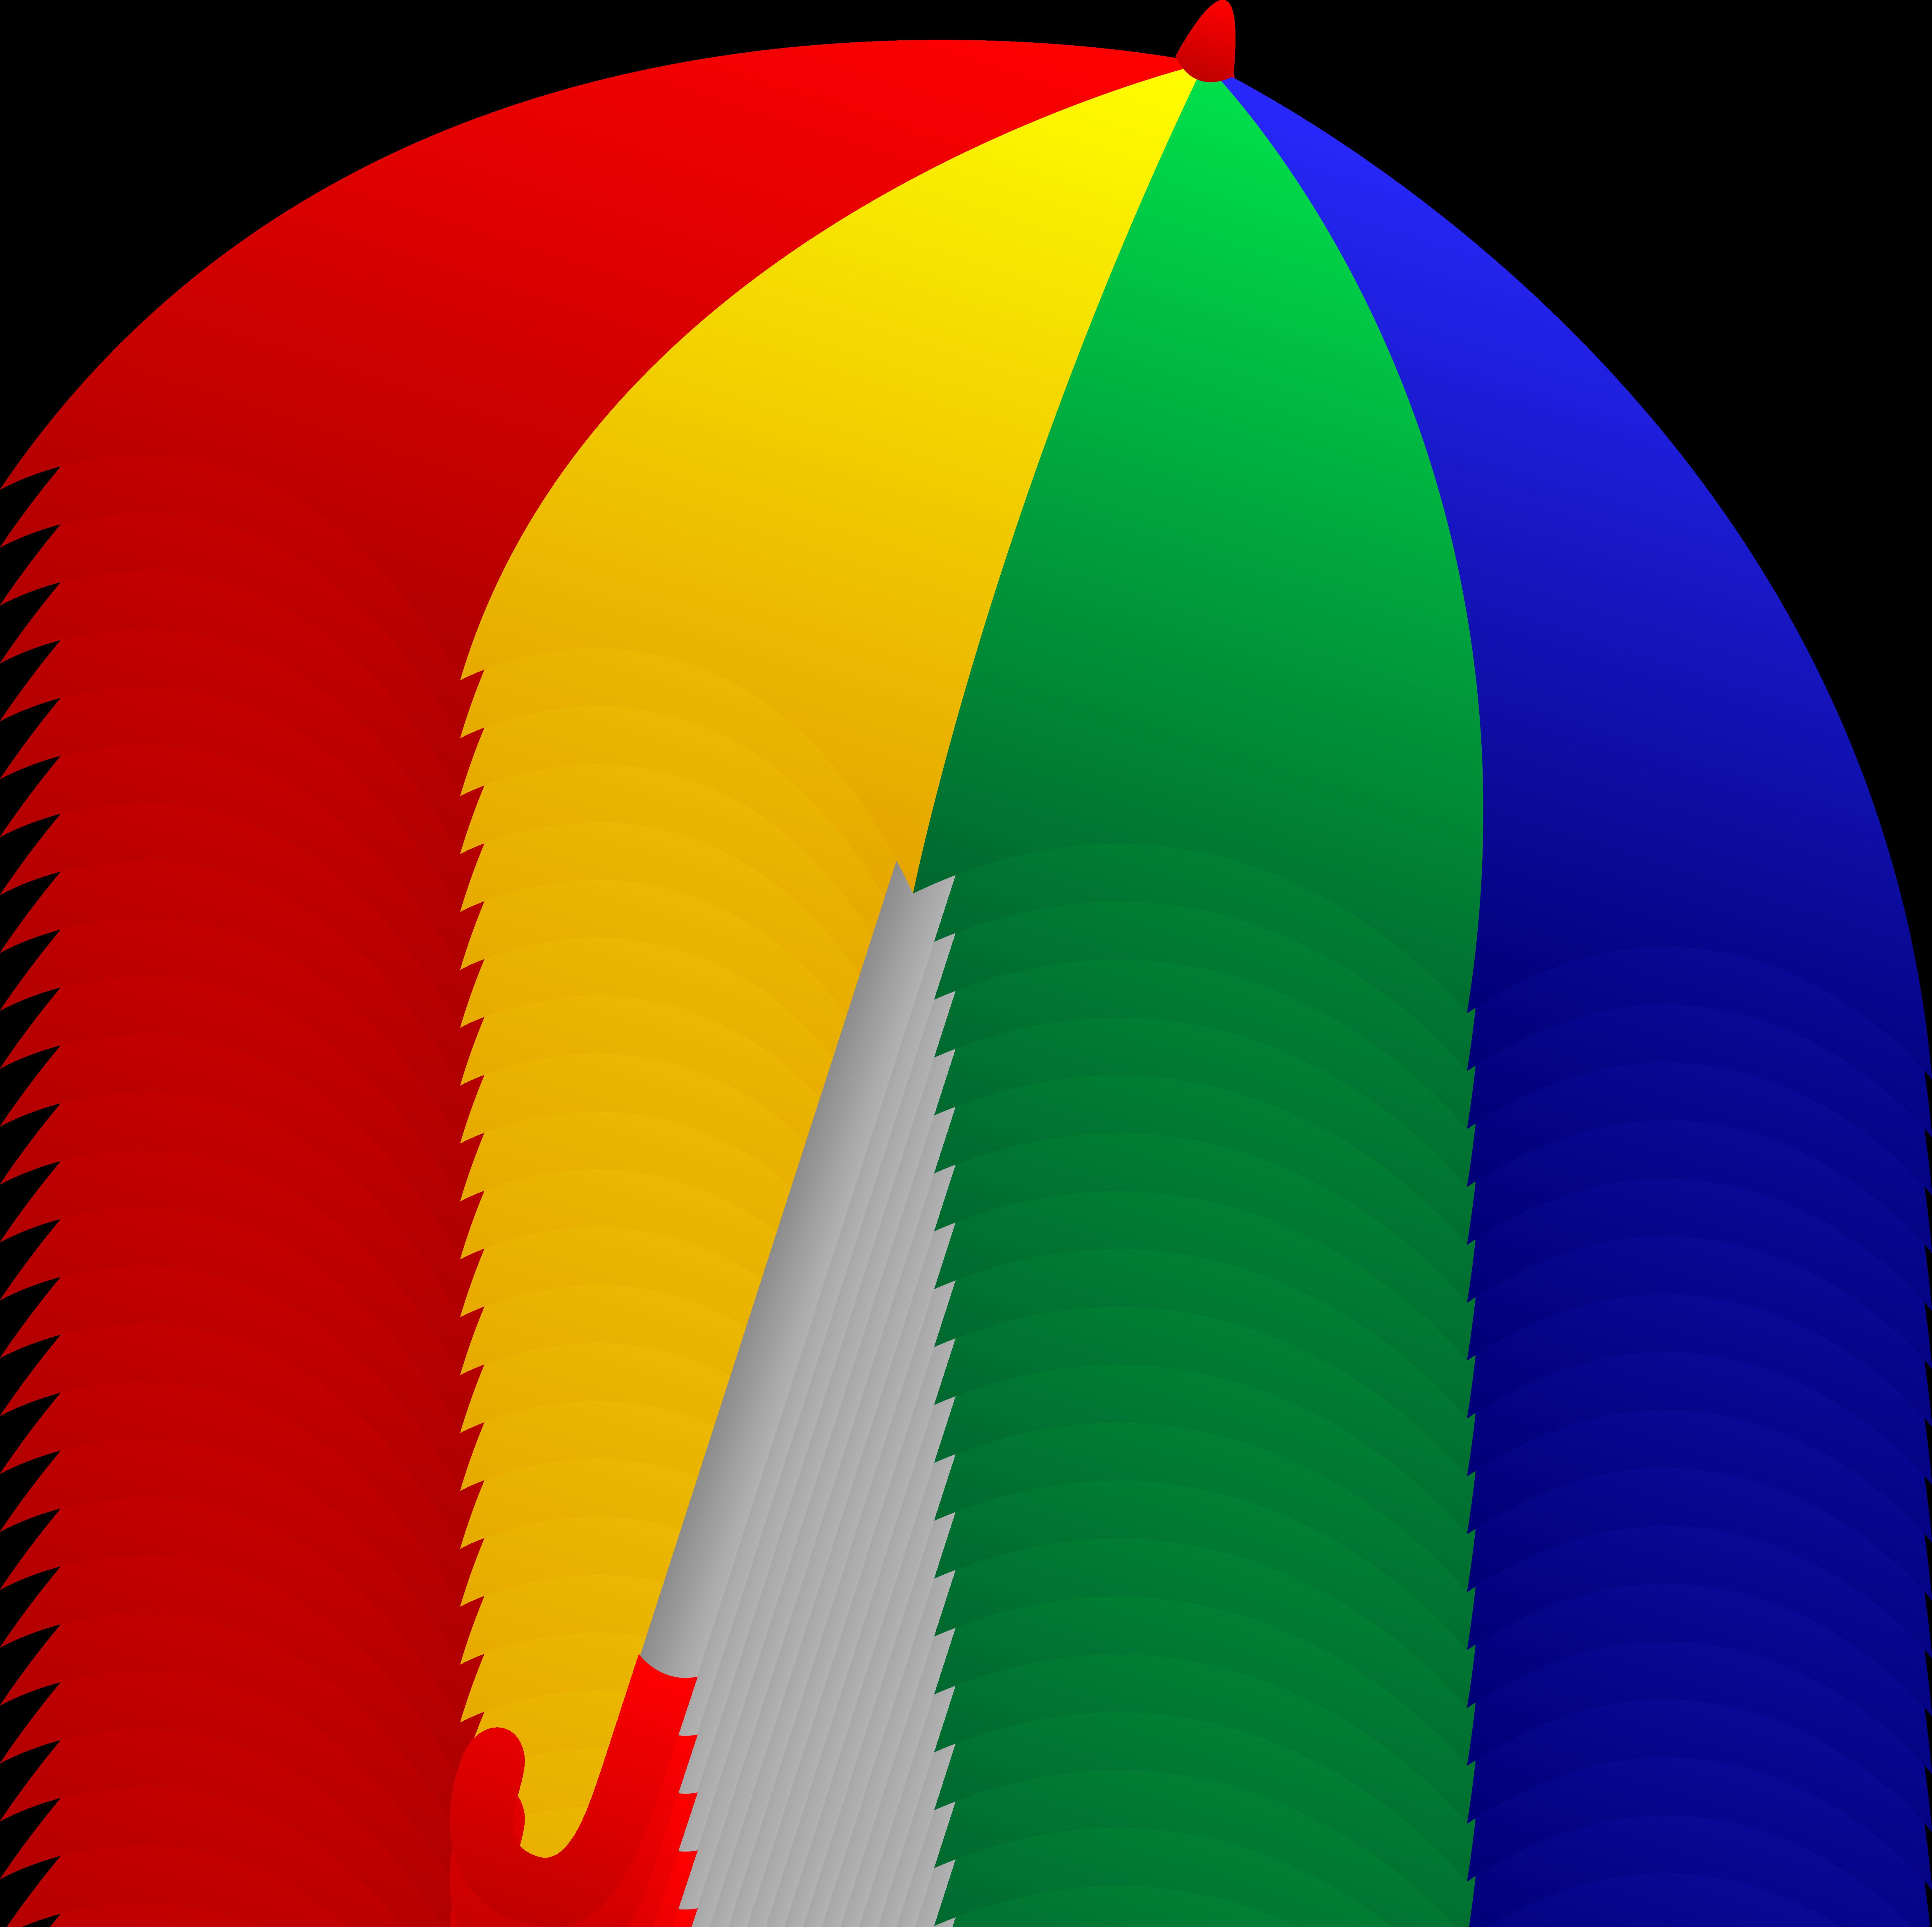 Umbrella Clipart - Cliparts.co